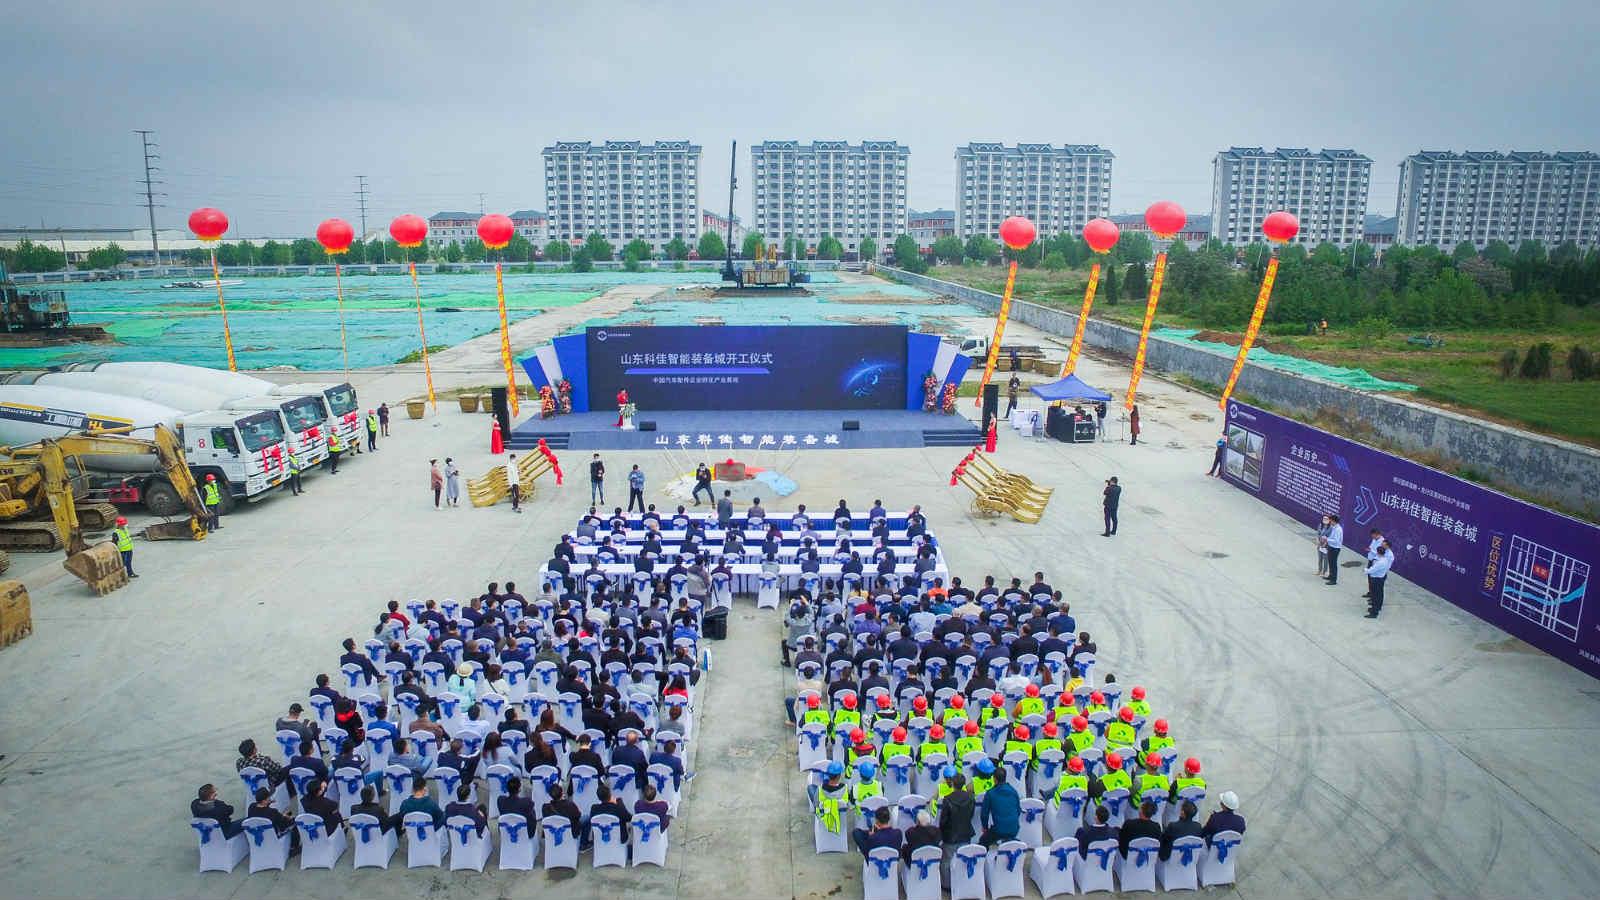 着力构筑智创高地 引领汽配产业升级 山东科佳智能装备城今日开工